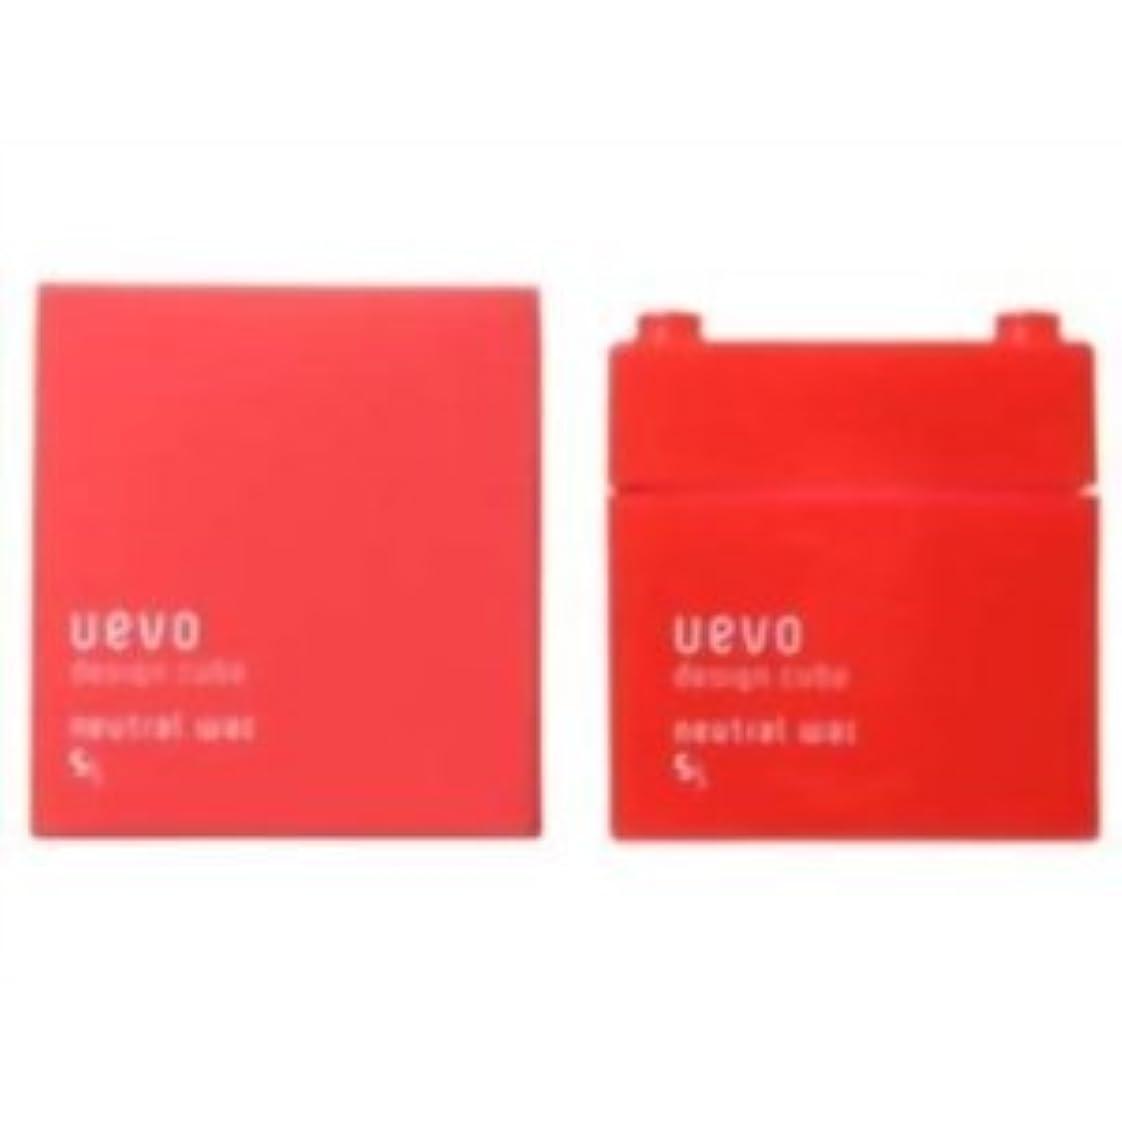 あたたかい中断大理石【X2個セット】 デミ ウェーボ デザインキューブ ニュートラルワックス 80g neutral wax DEMI uevo design cube